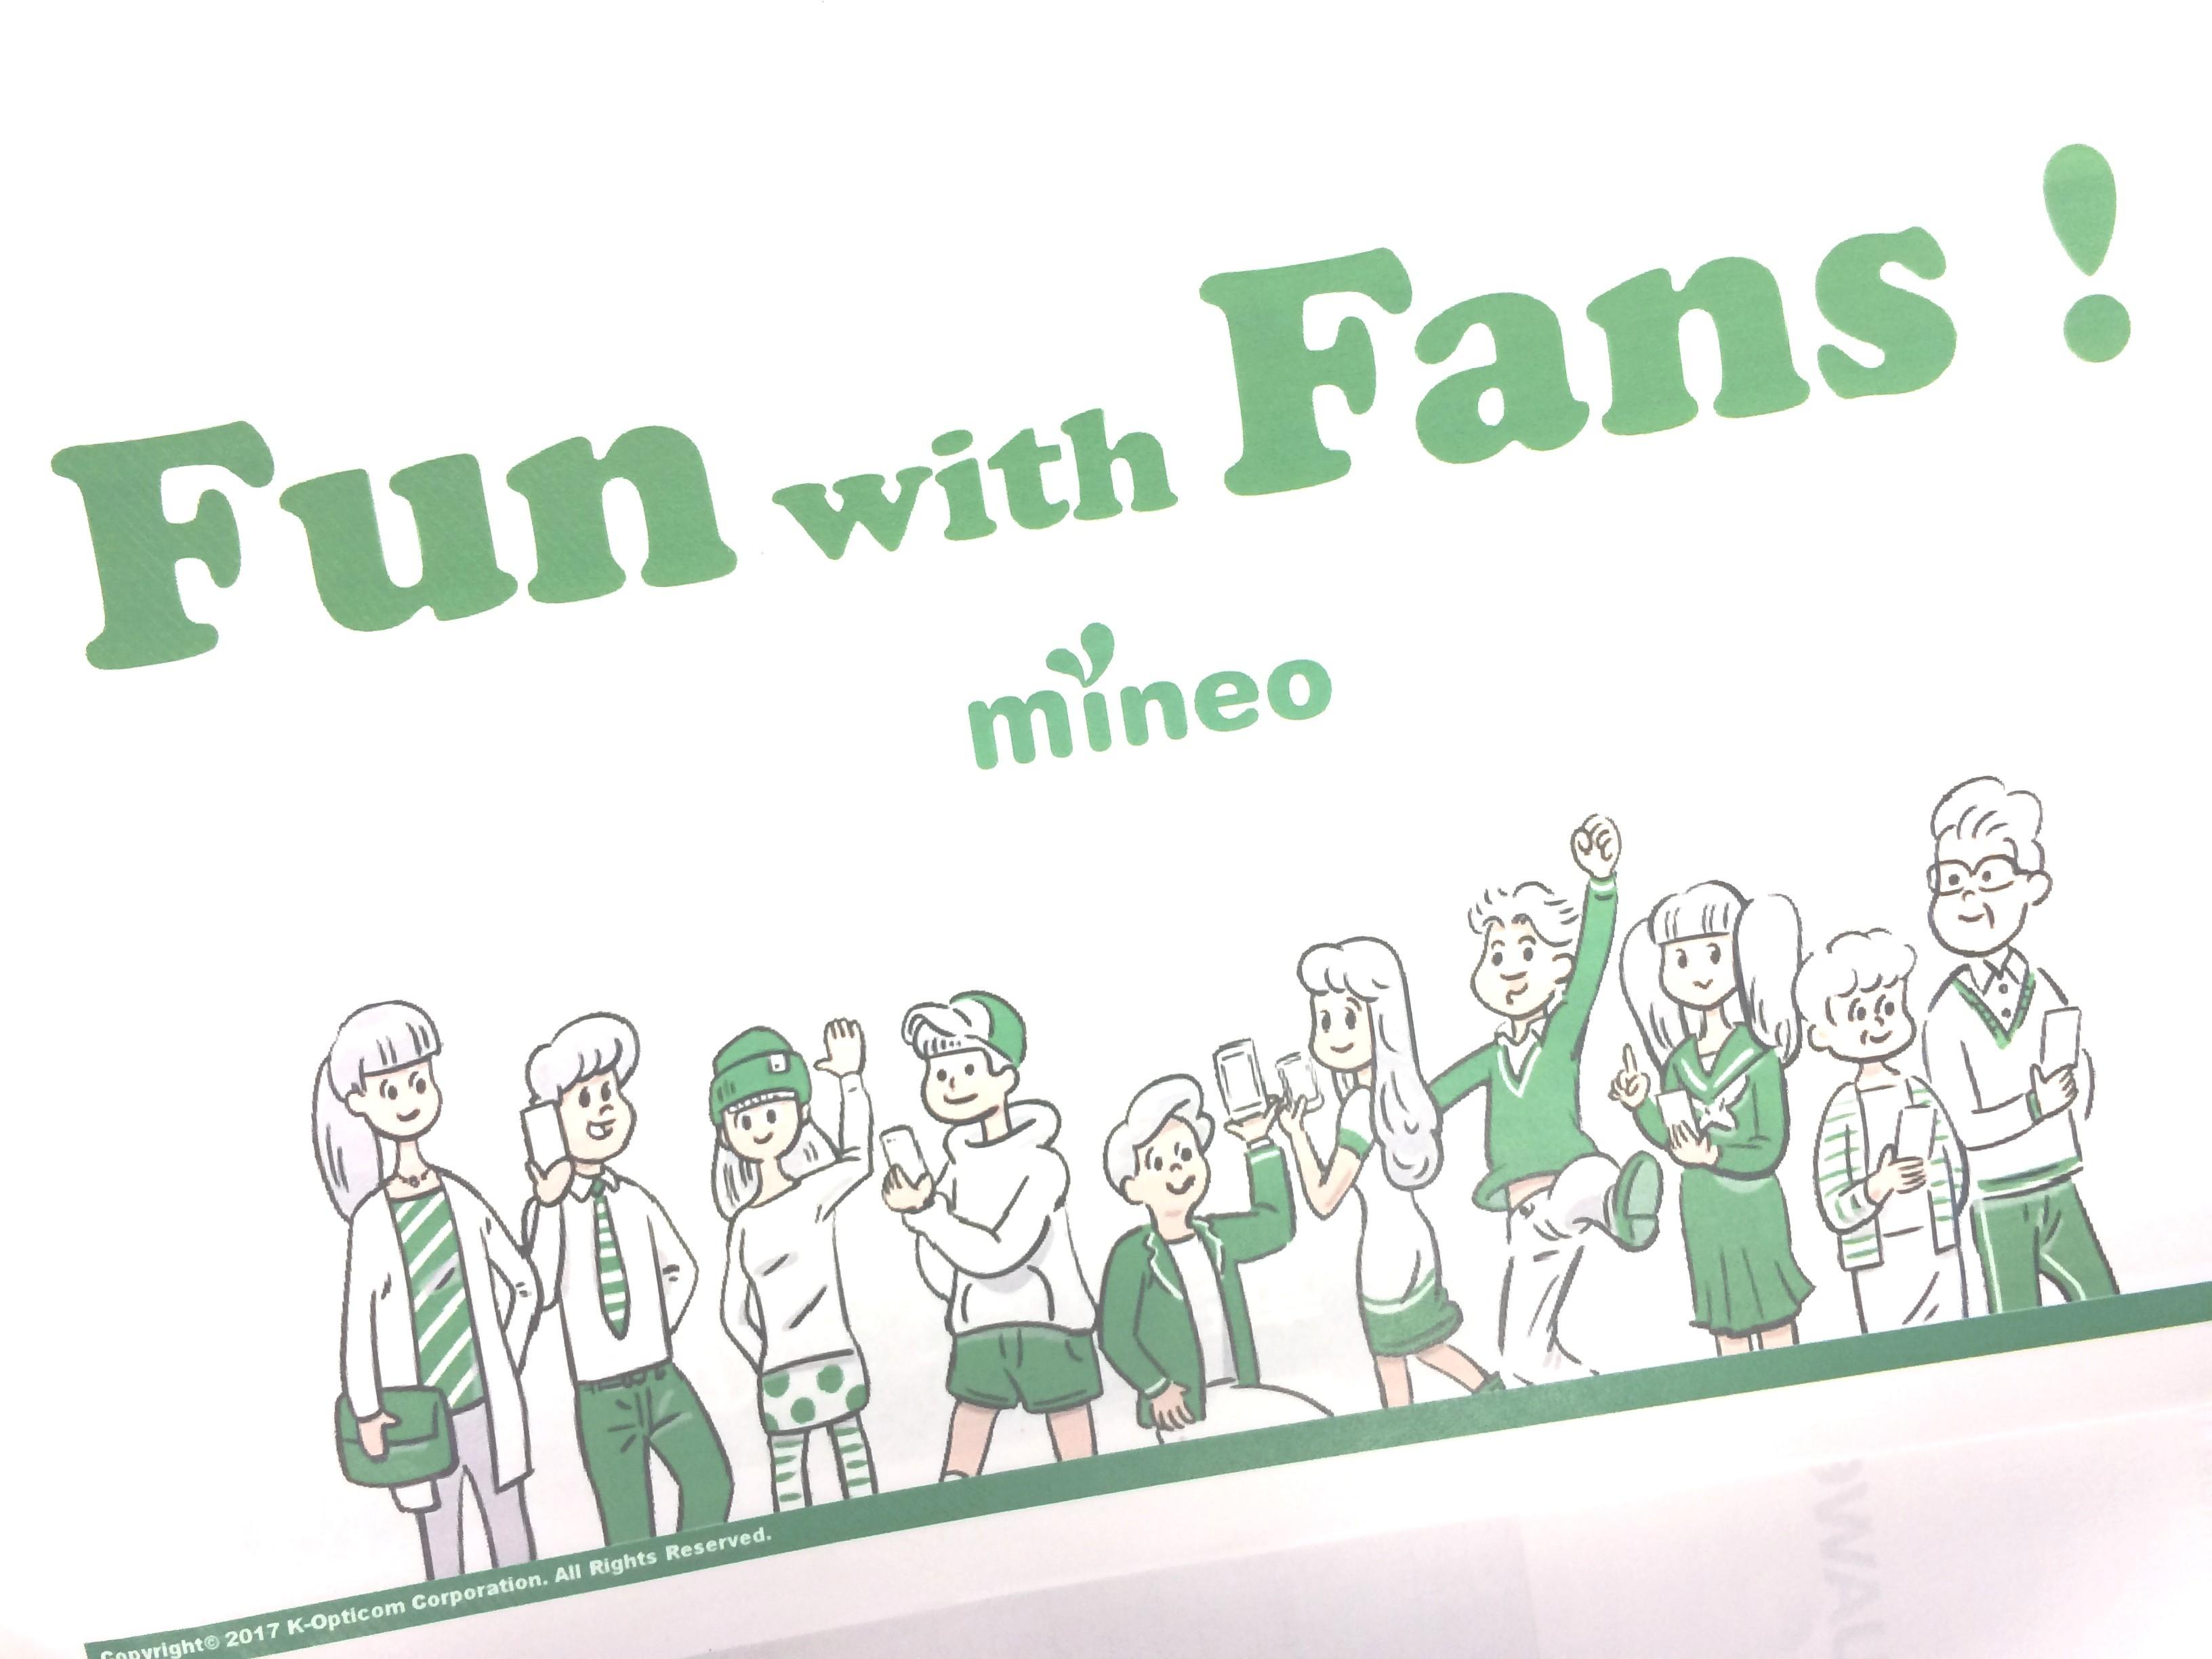 3周年の「mineo」事業説明会に行ってきました